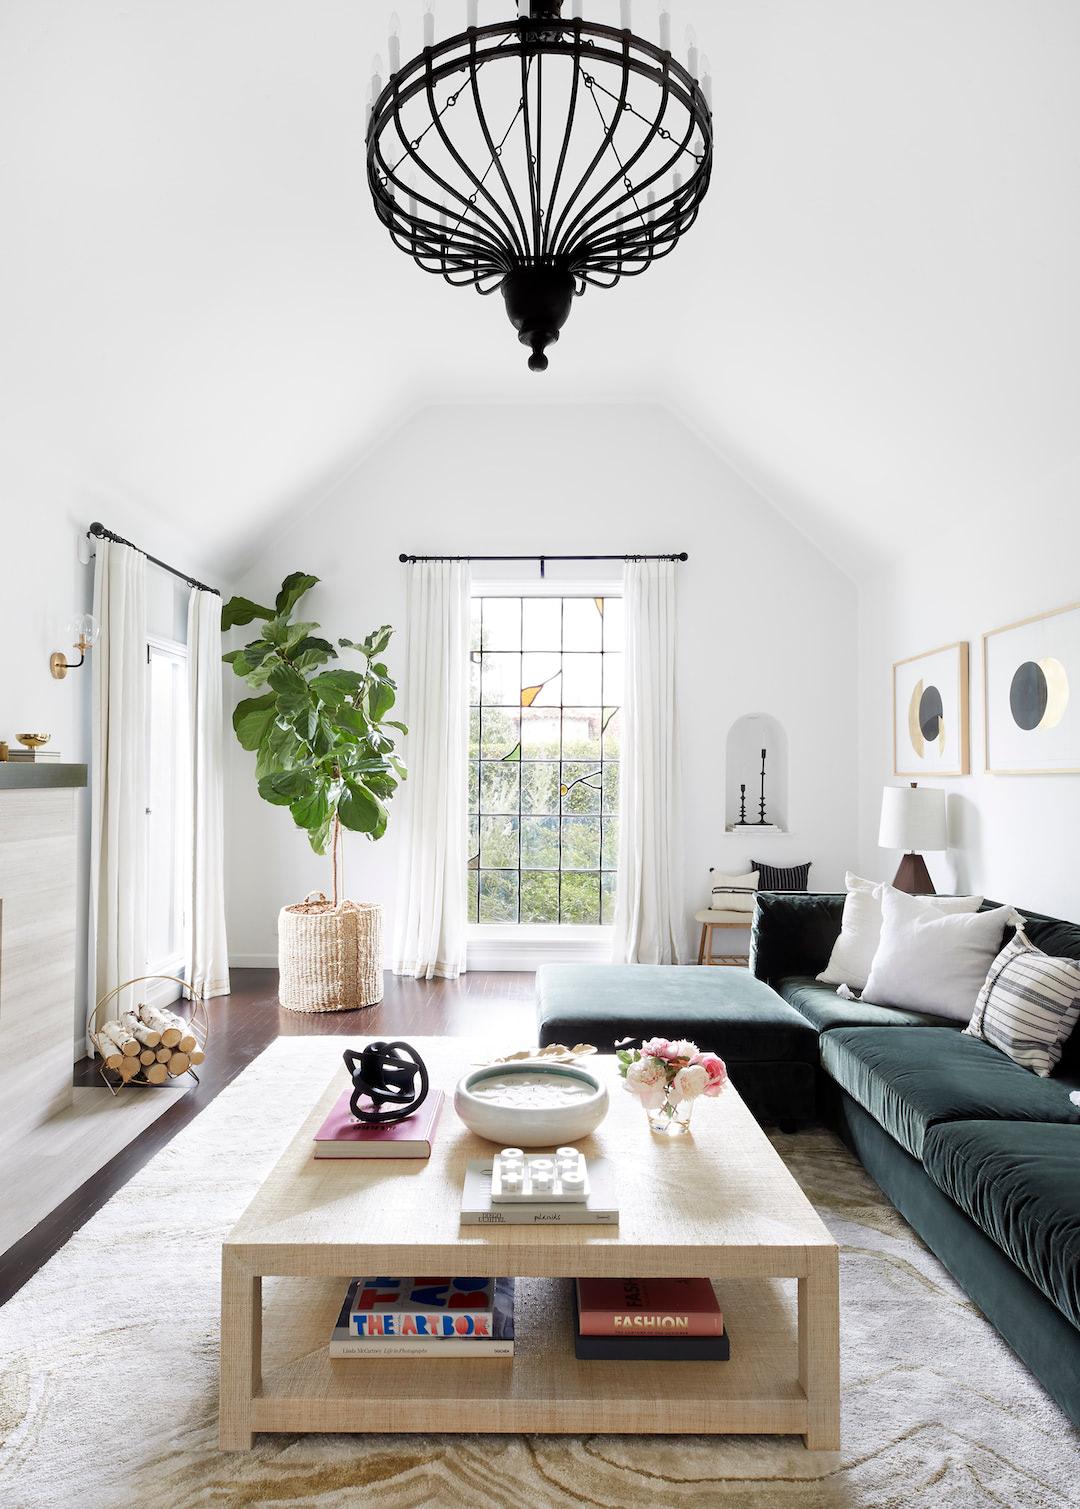 A living room with custom window treatments leading to a balcony | Everhem